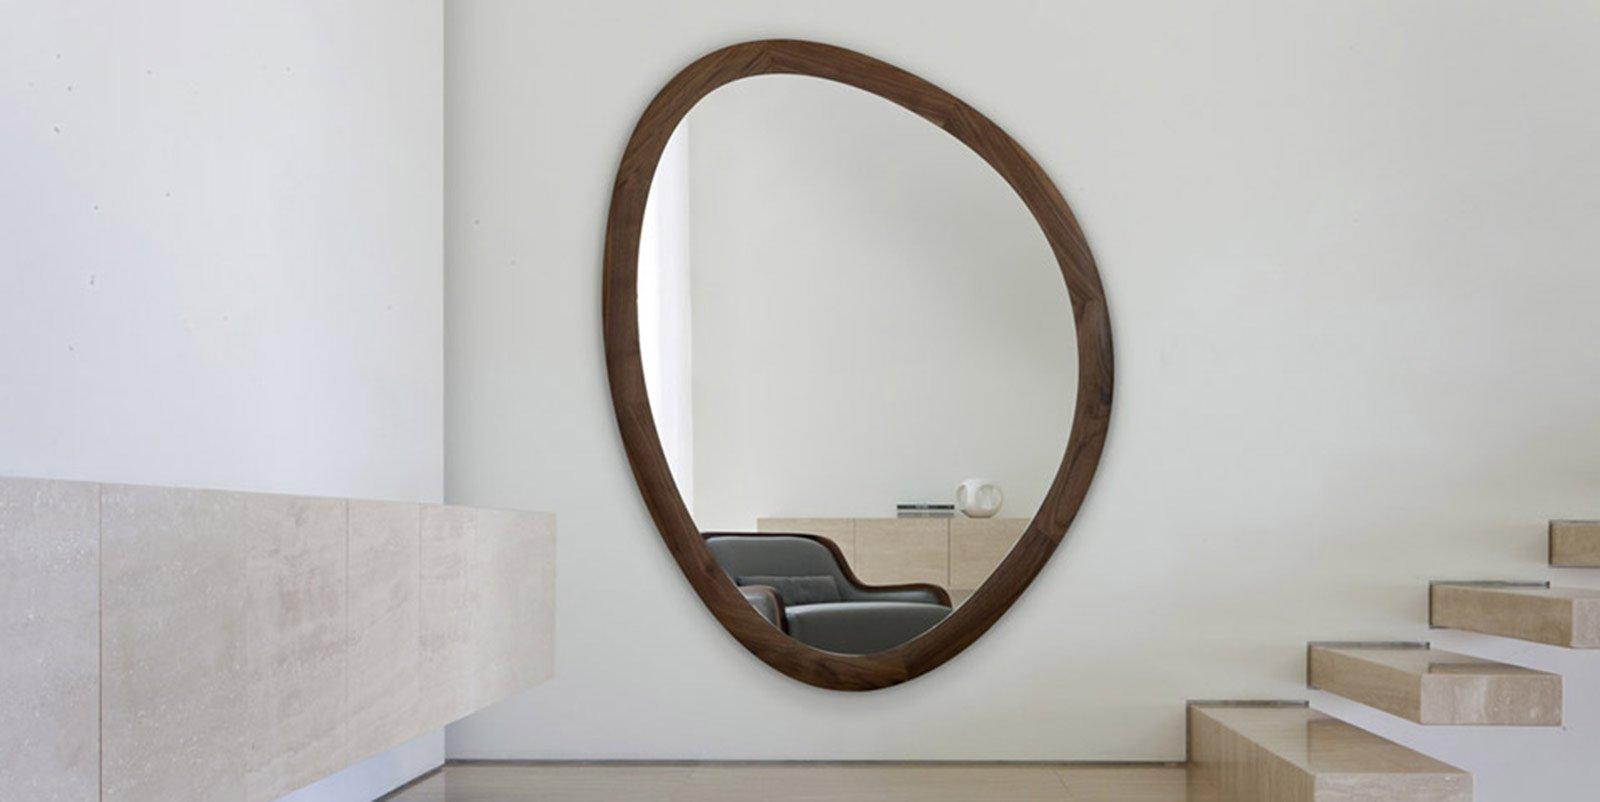 Specchi questione di riflessi cose di casa - Specchio convesso prezzo ...